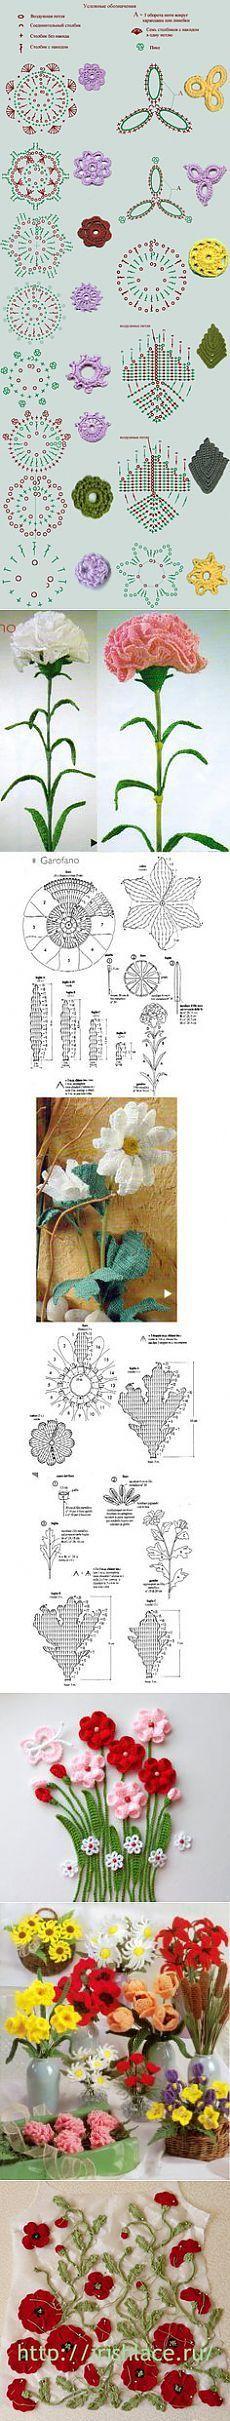 вязаные цветы | вязание:бижутерия | Pinterest | Crochet